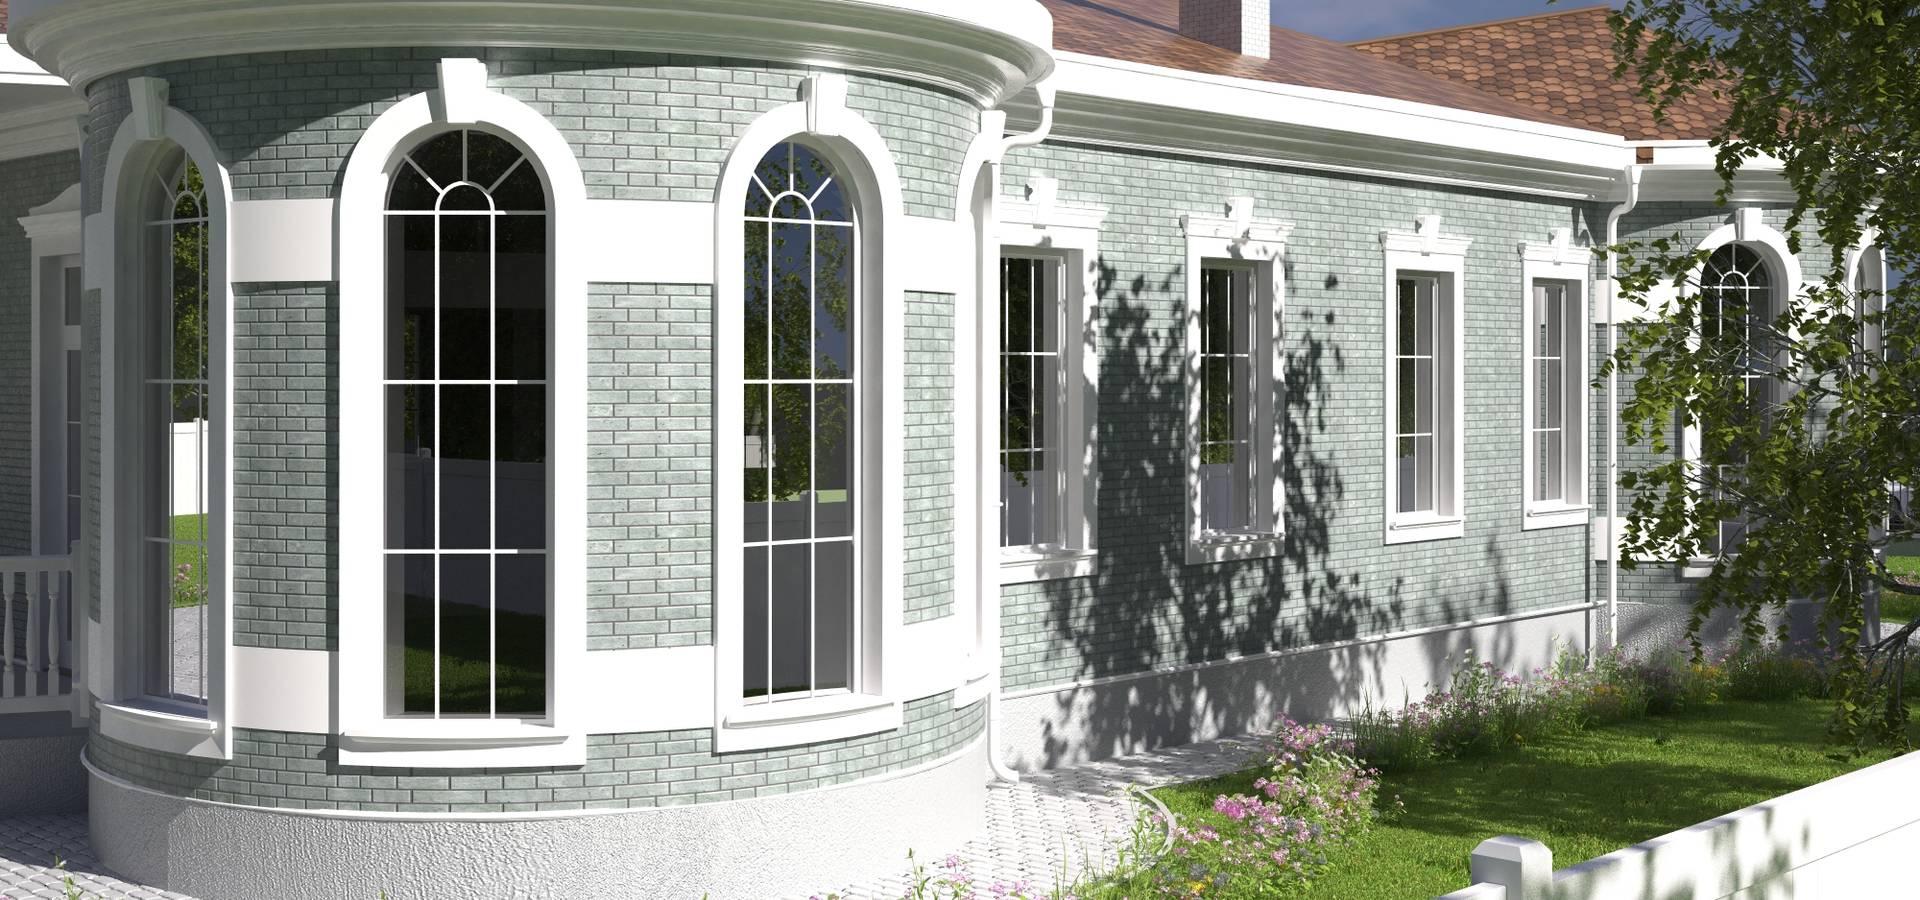 Центр архитектуры и дизайна <q>Freeдом</q>